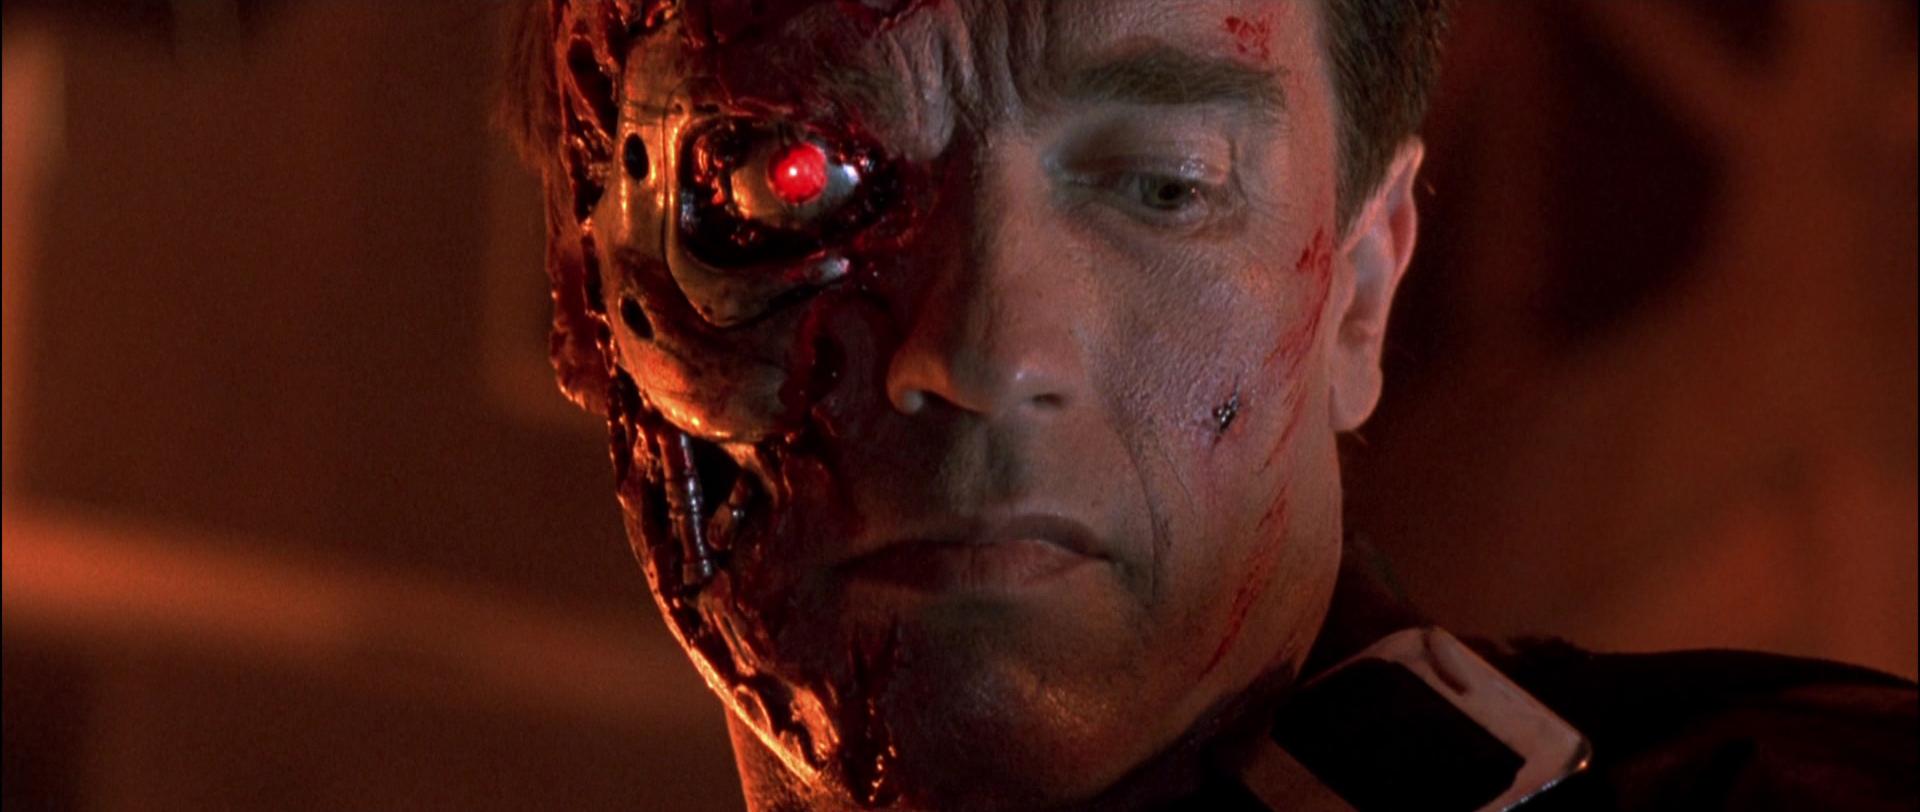 Terminator (Arnold Schwarzenegger) Facial Appliance   Prop ...